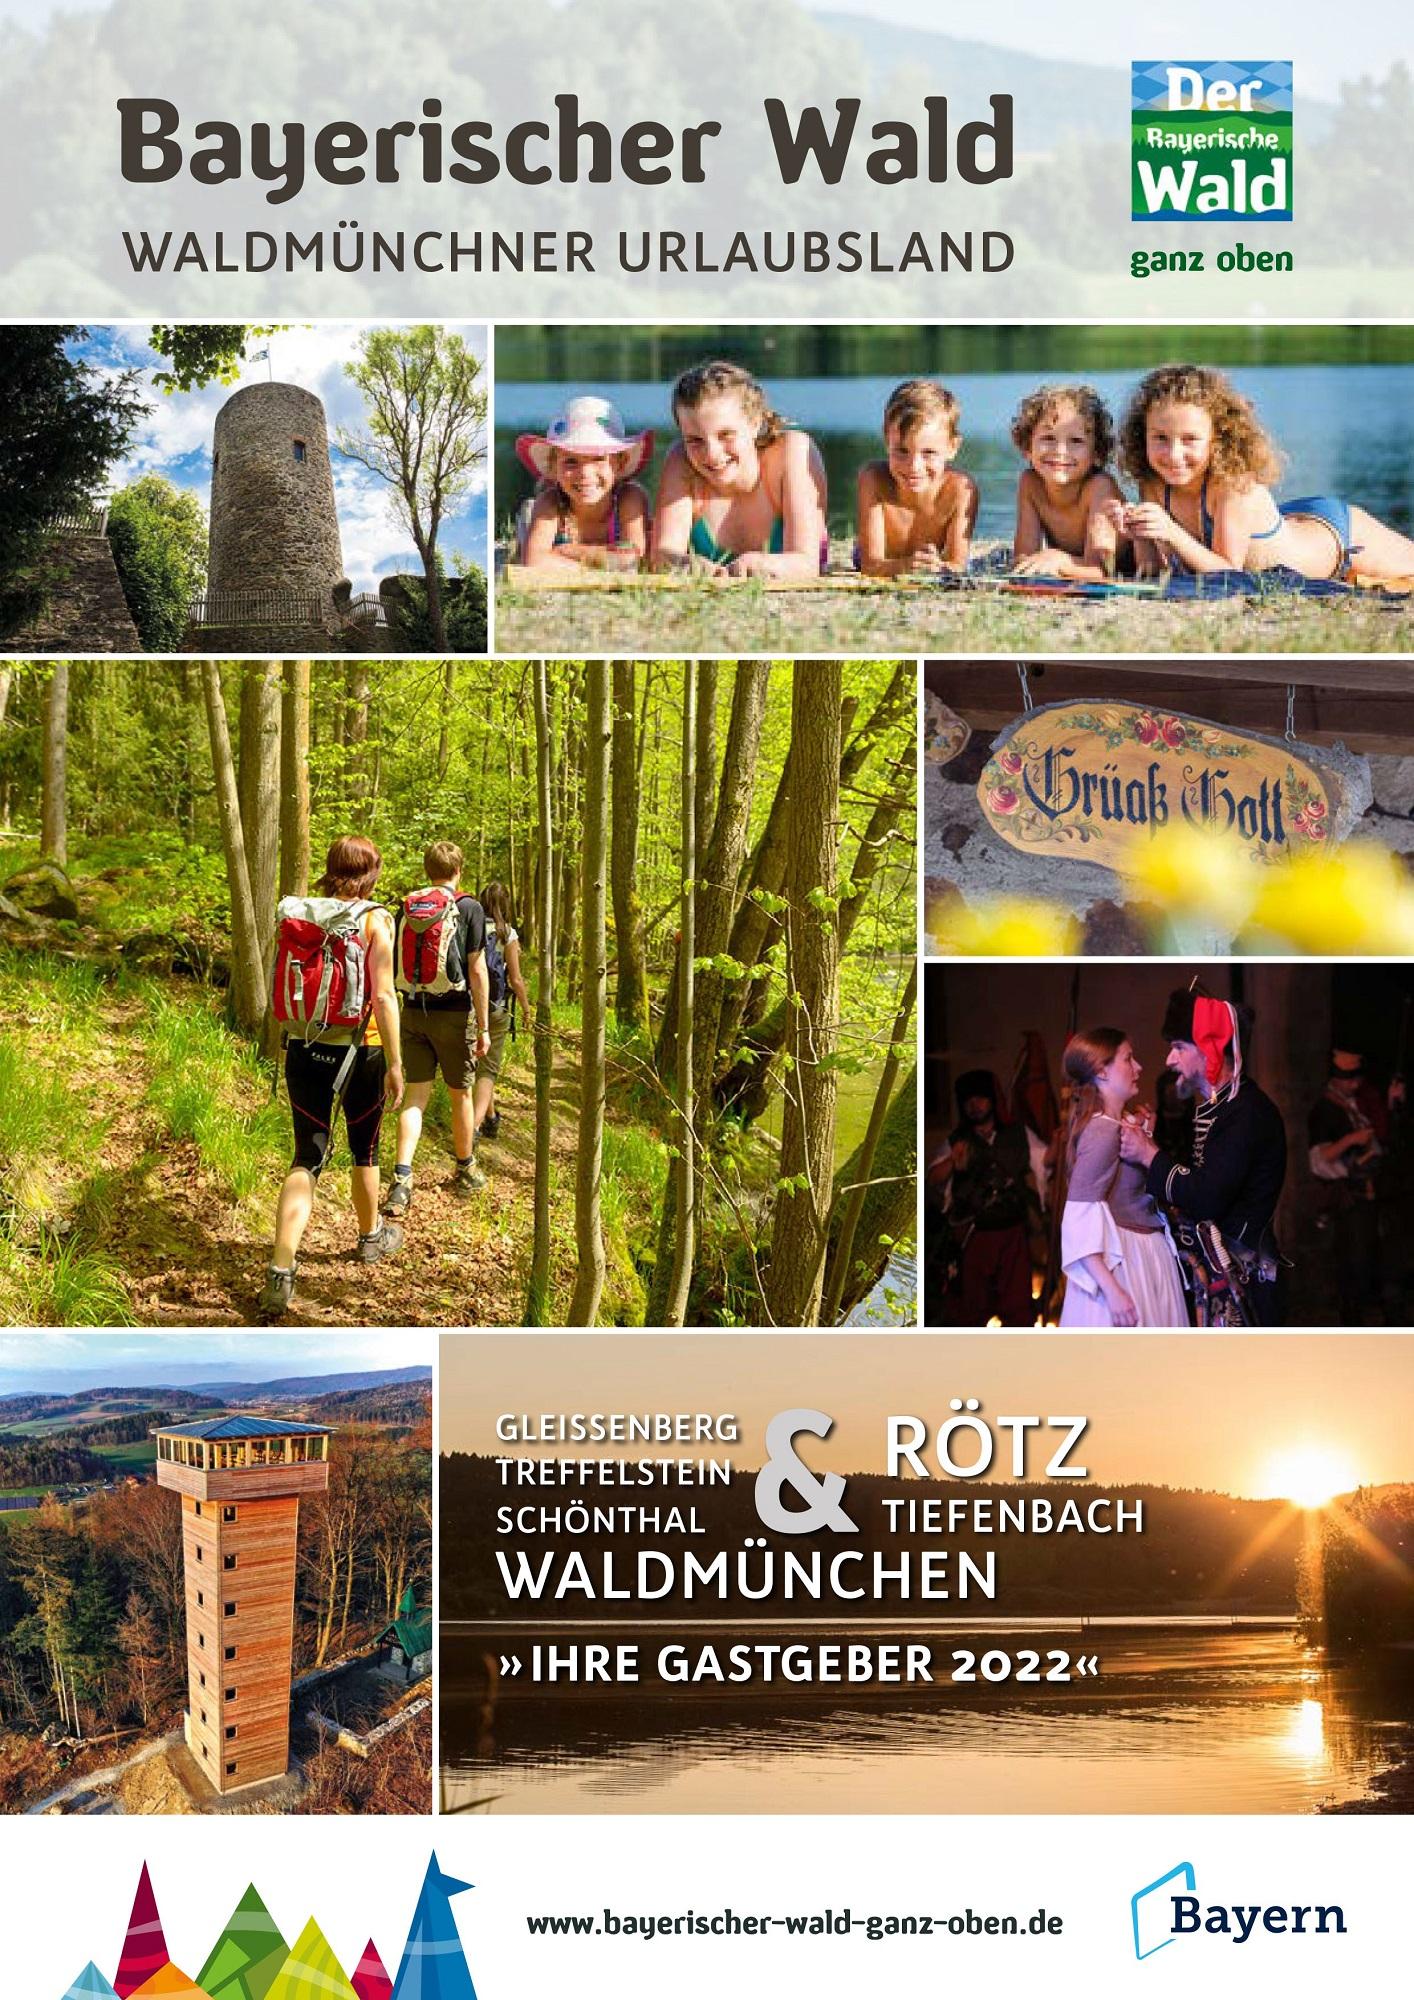 Bayerischer Wald - Waldmünchner Urlaubsland